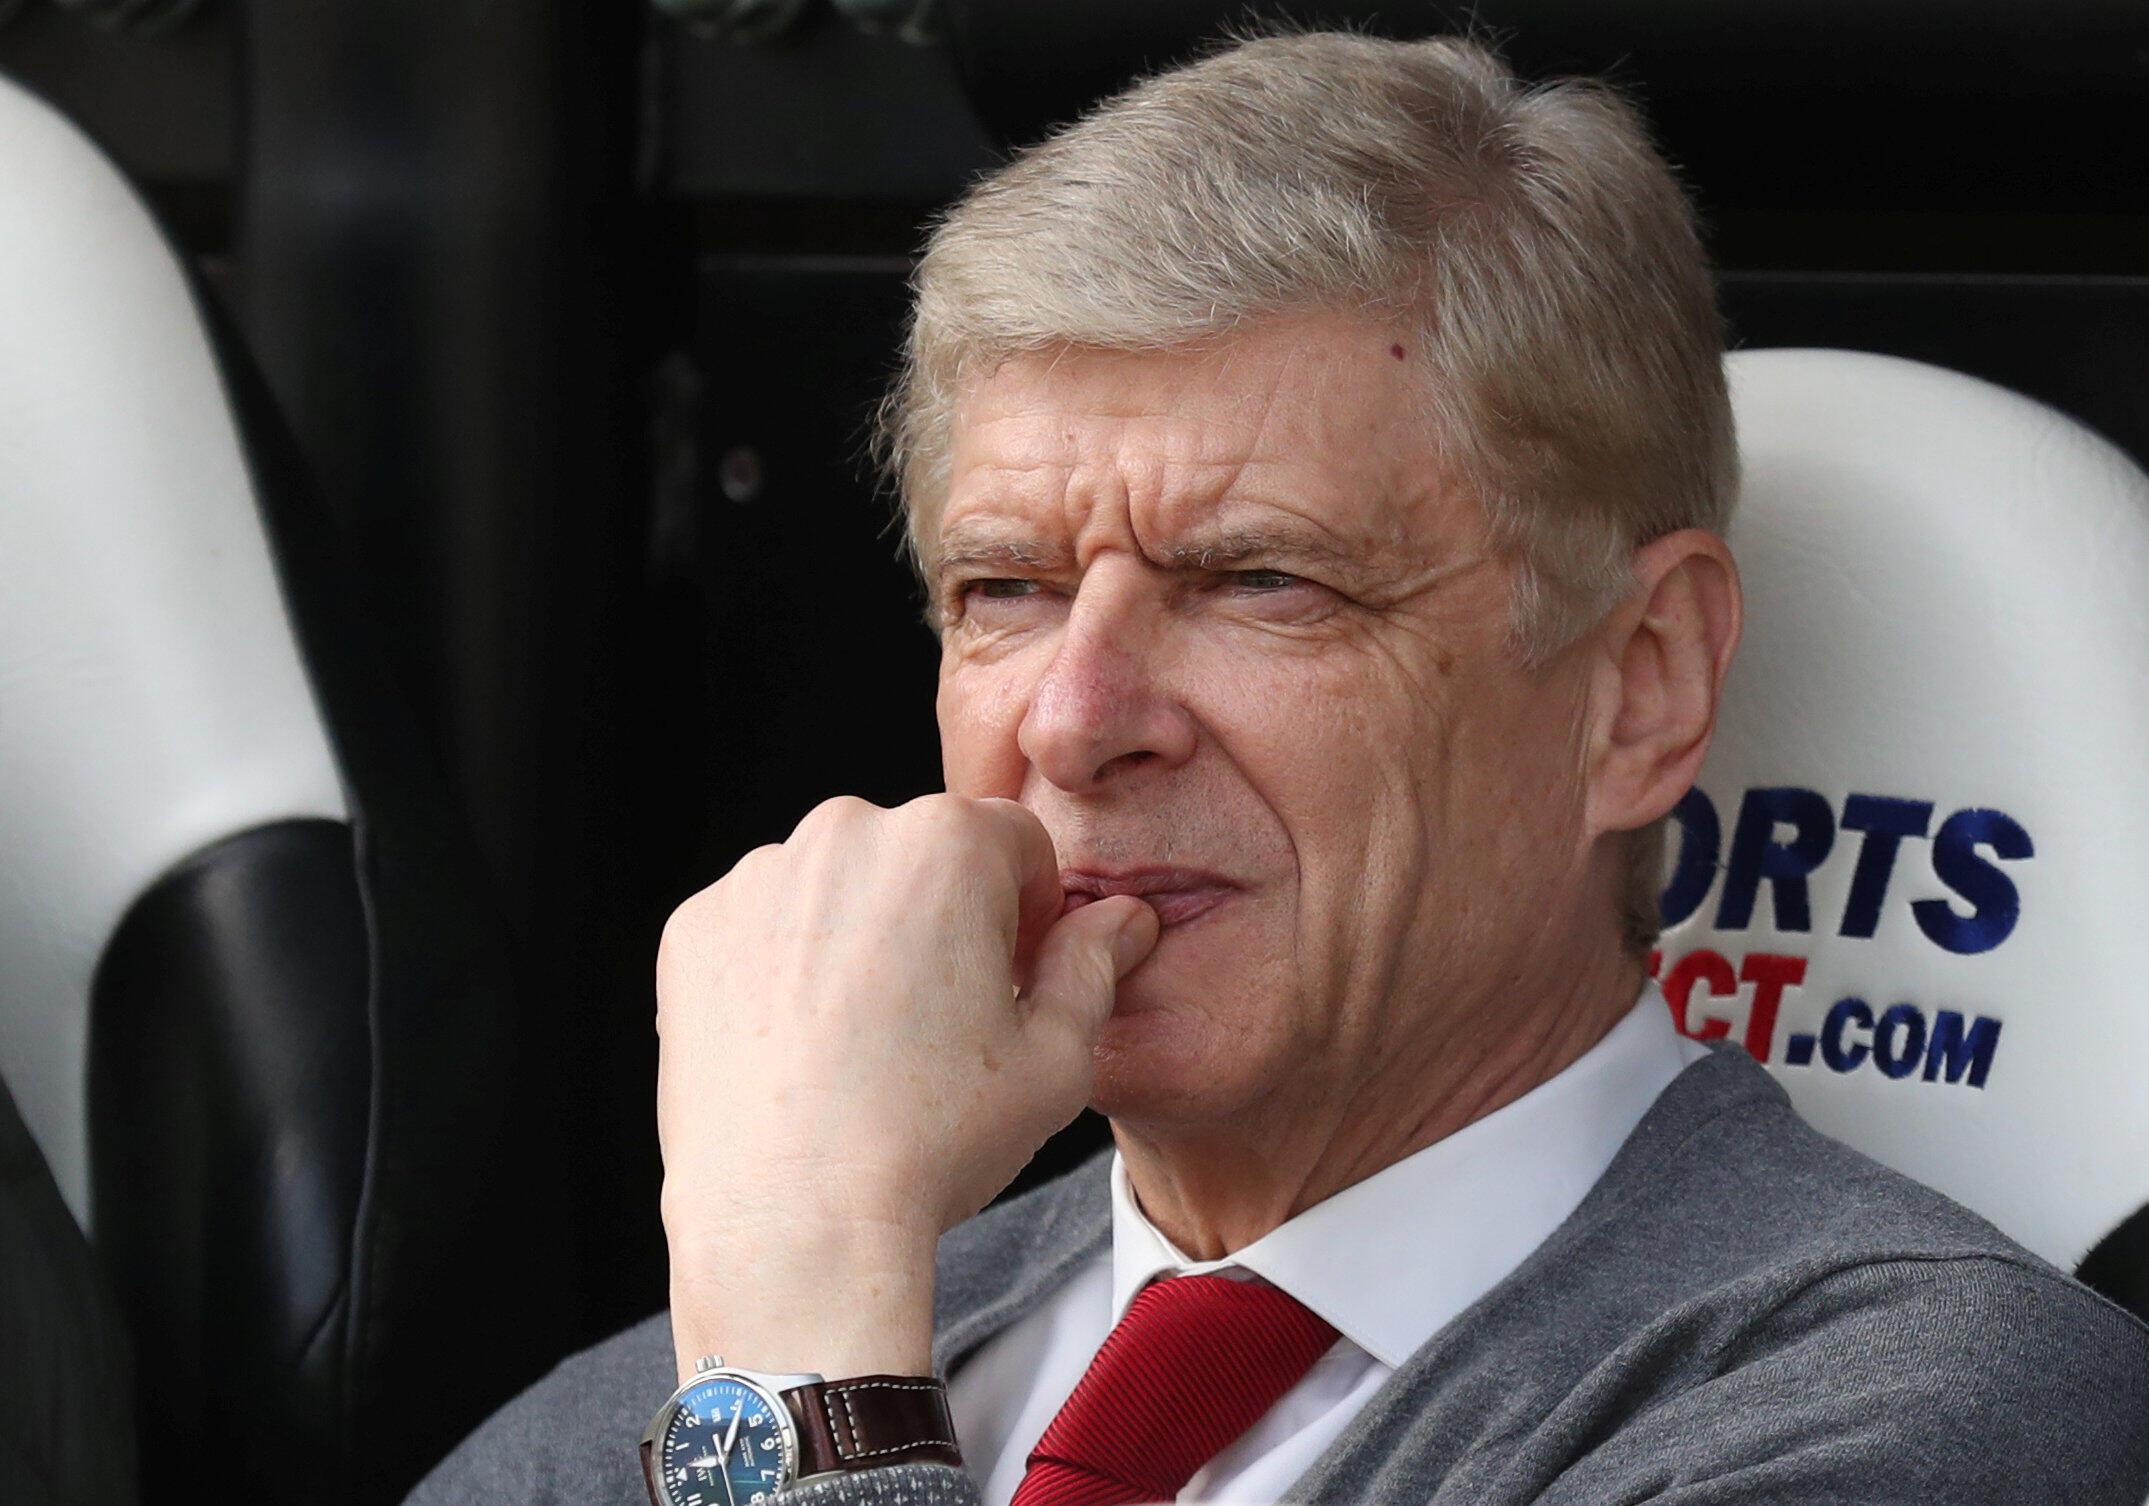 Tsohon mai horar da kungiyar kwallon kafa ta Arsenal, Arsenal Wenger